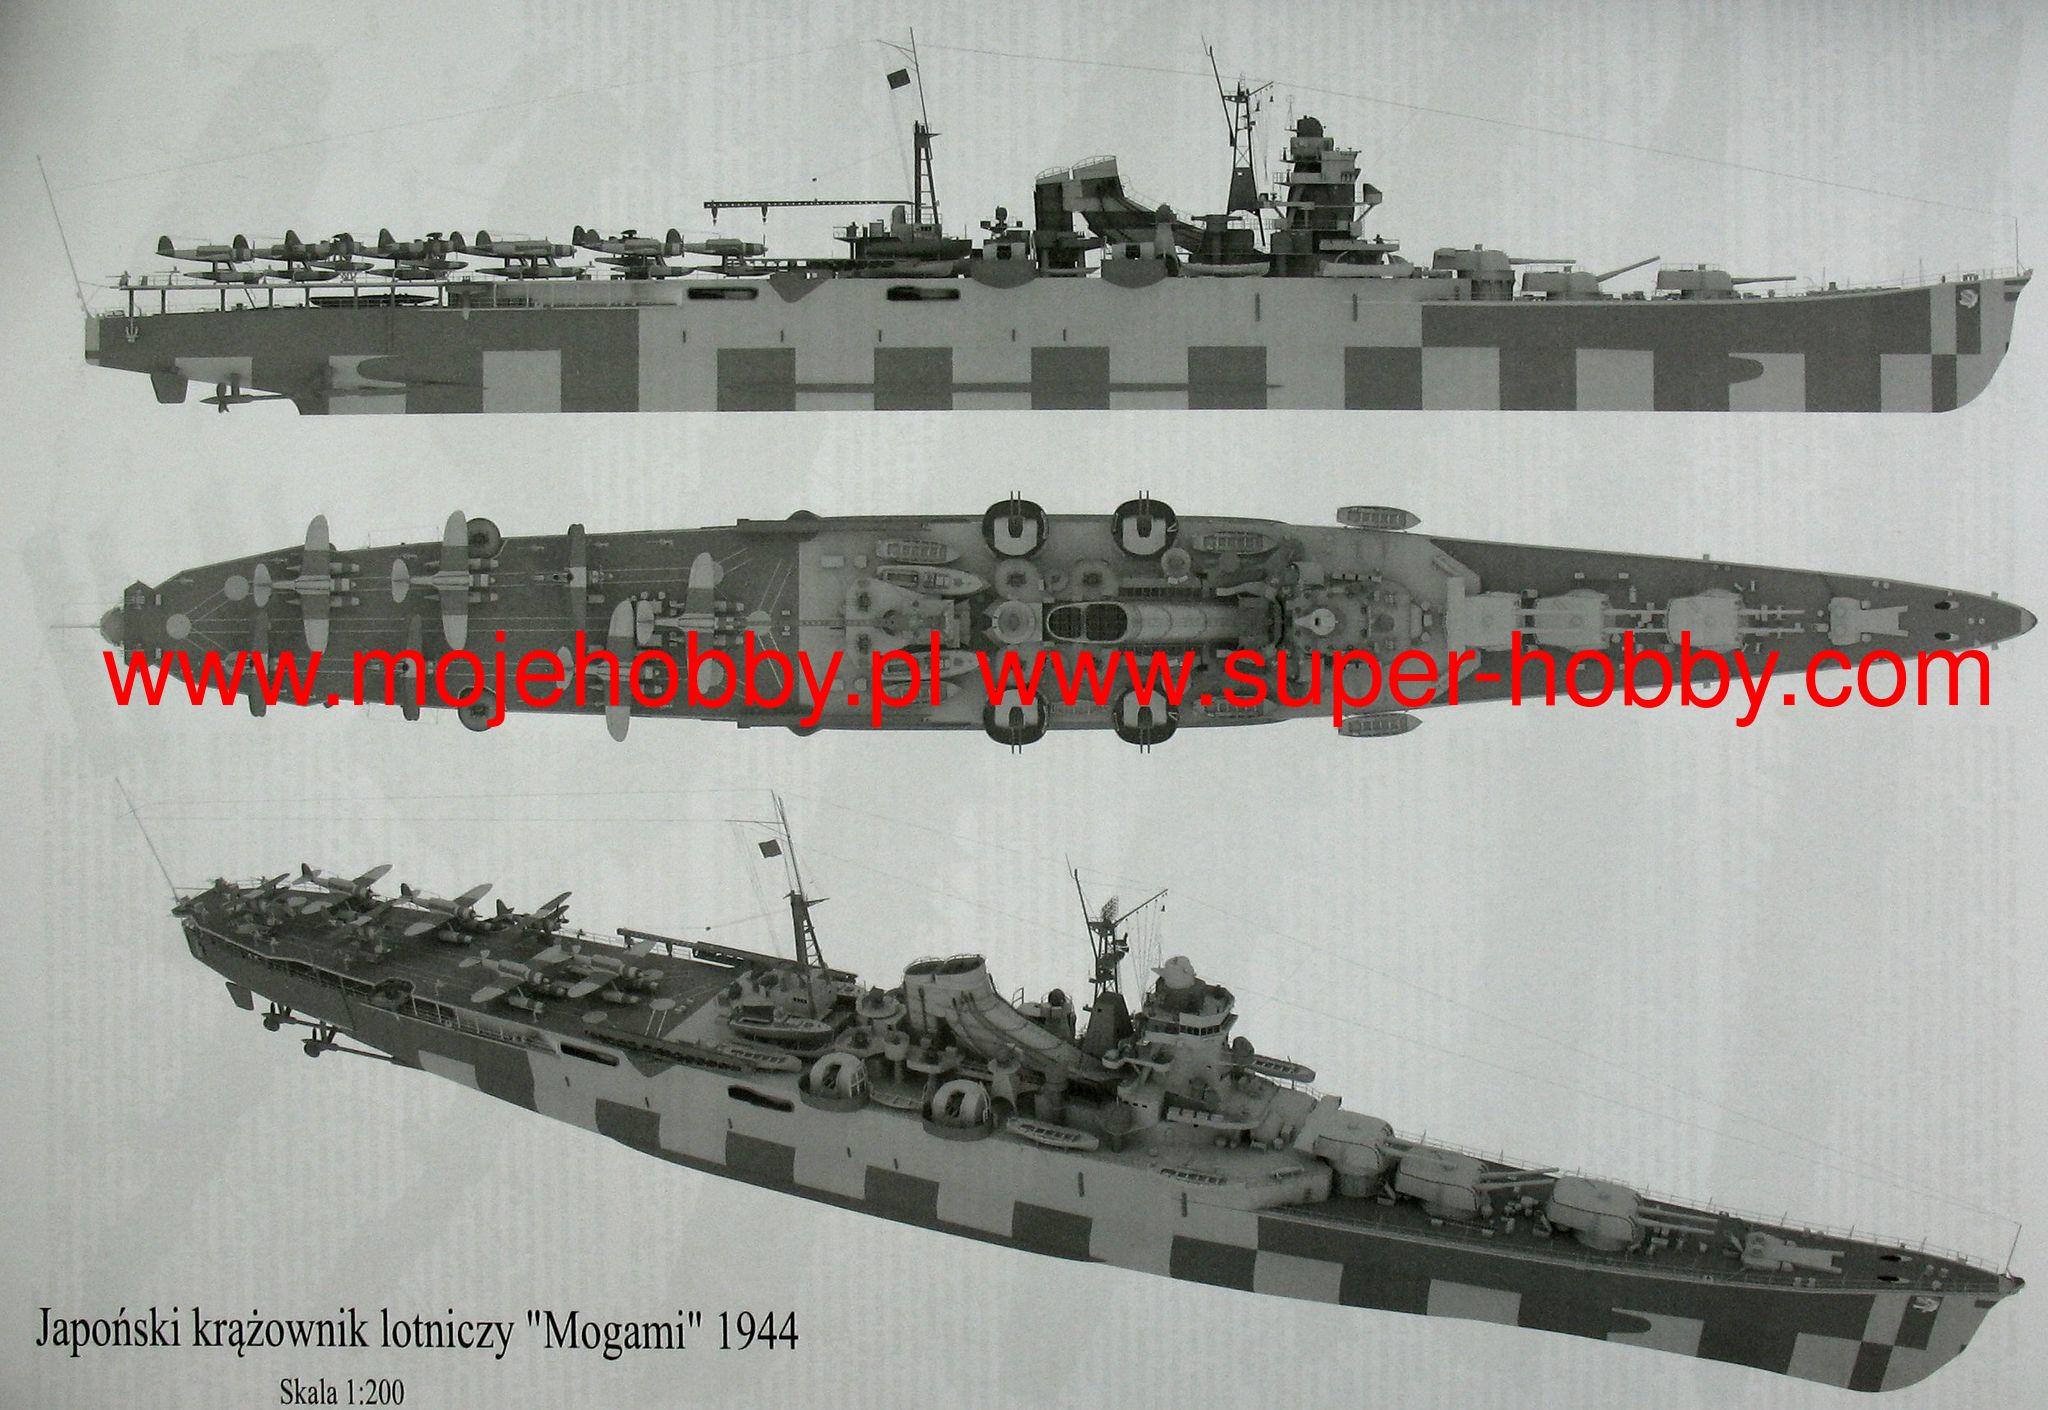 IJN Mogami - Japoński krążownik lotniczy - okres WWII